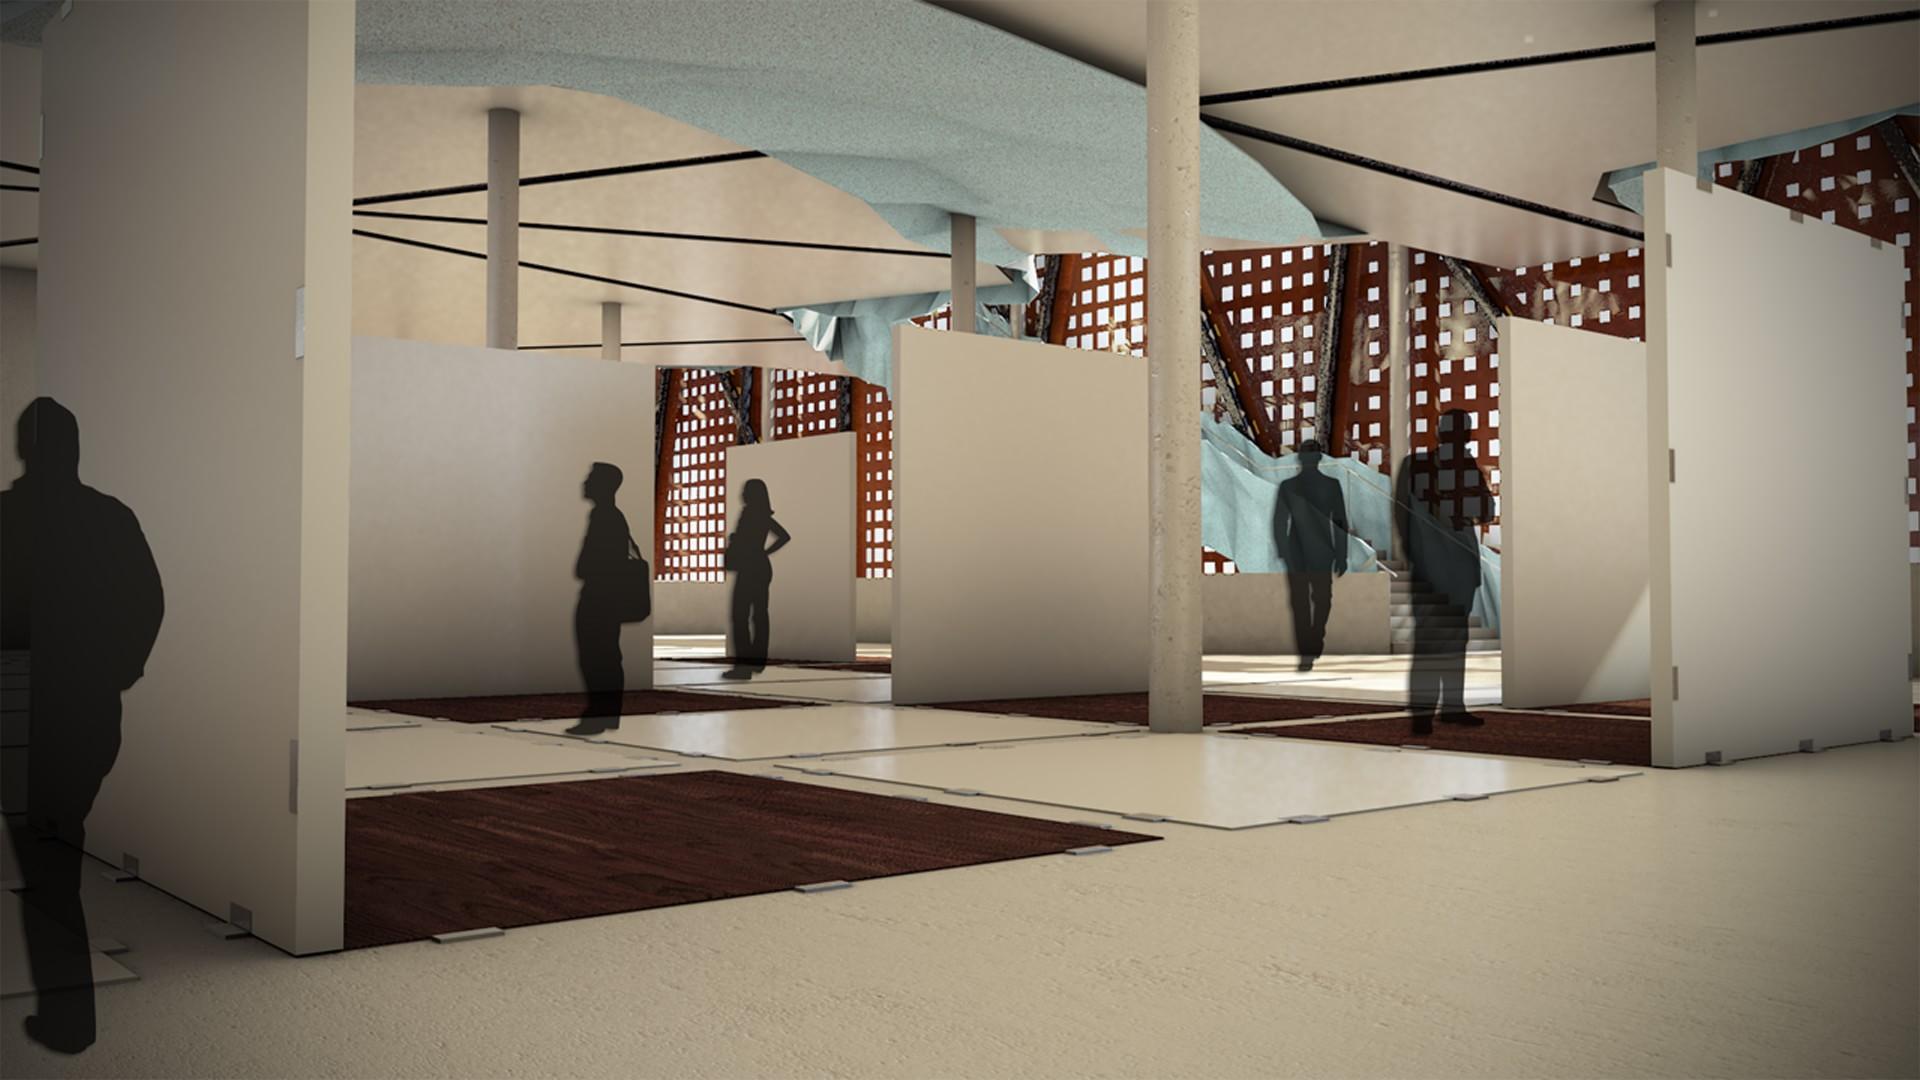 muzeum sztuki współczesnej - sala ekspozycyjna nr3